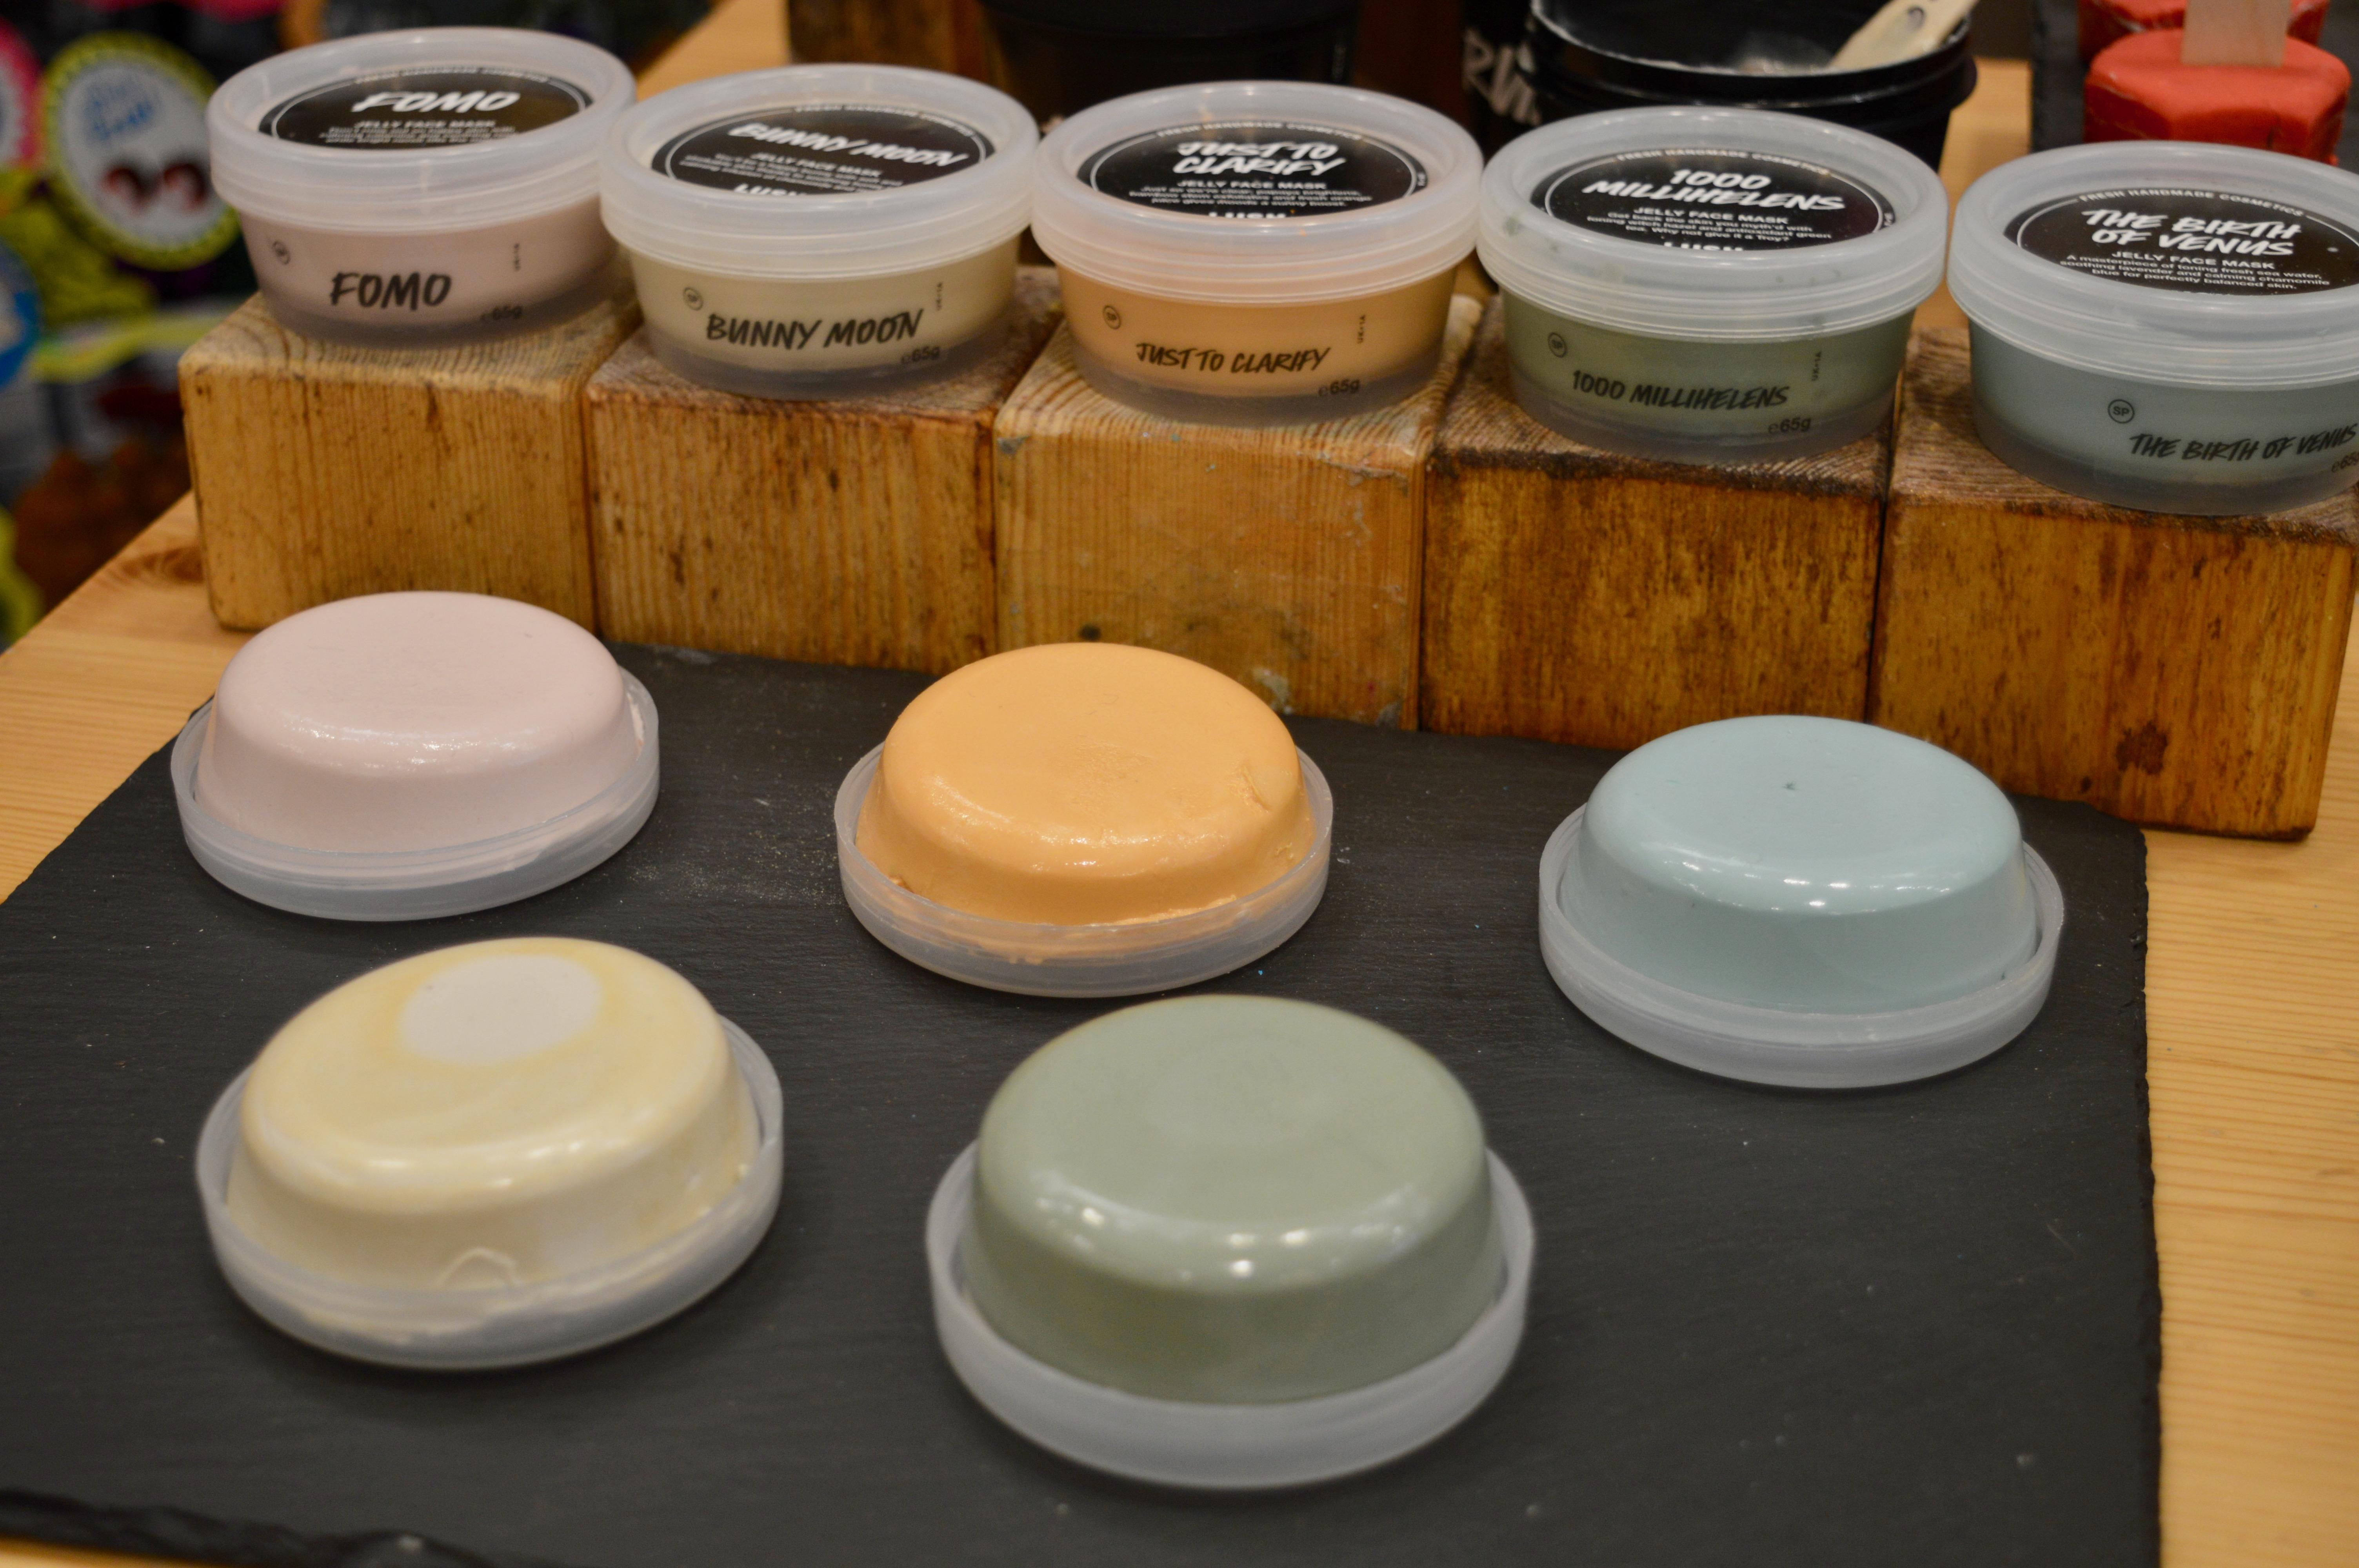 Jelly-Face-Mask-Lush-Carlisle-New-Product-Launch-Elle-Blonde-Luxury-Lifestyle-Blog